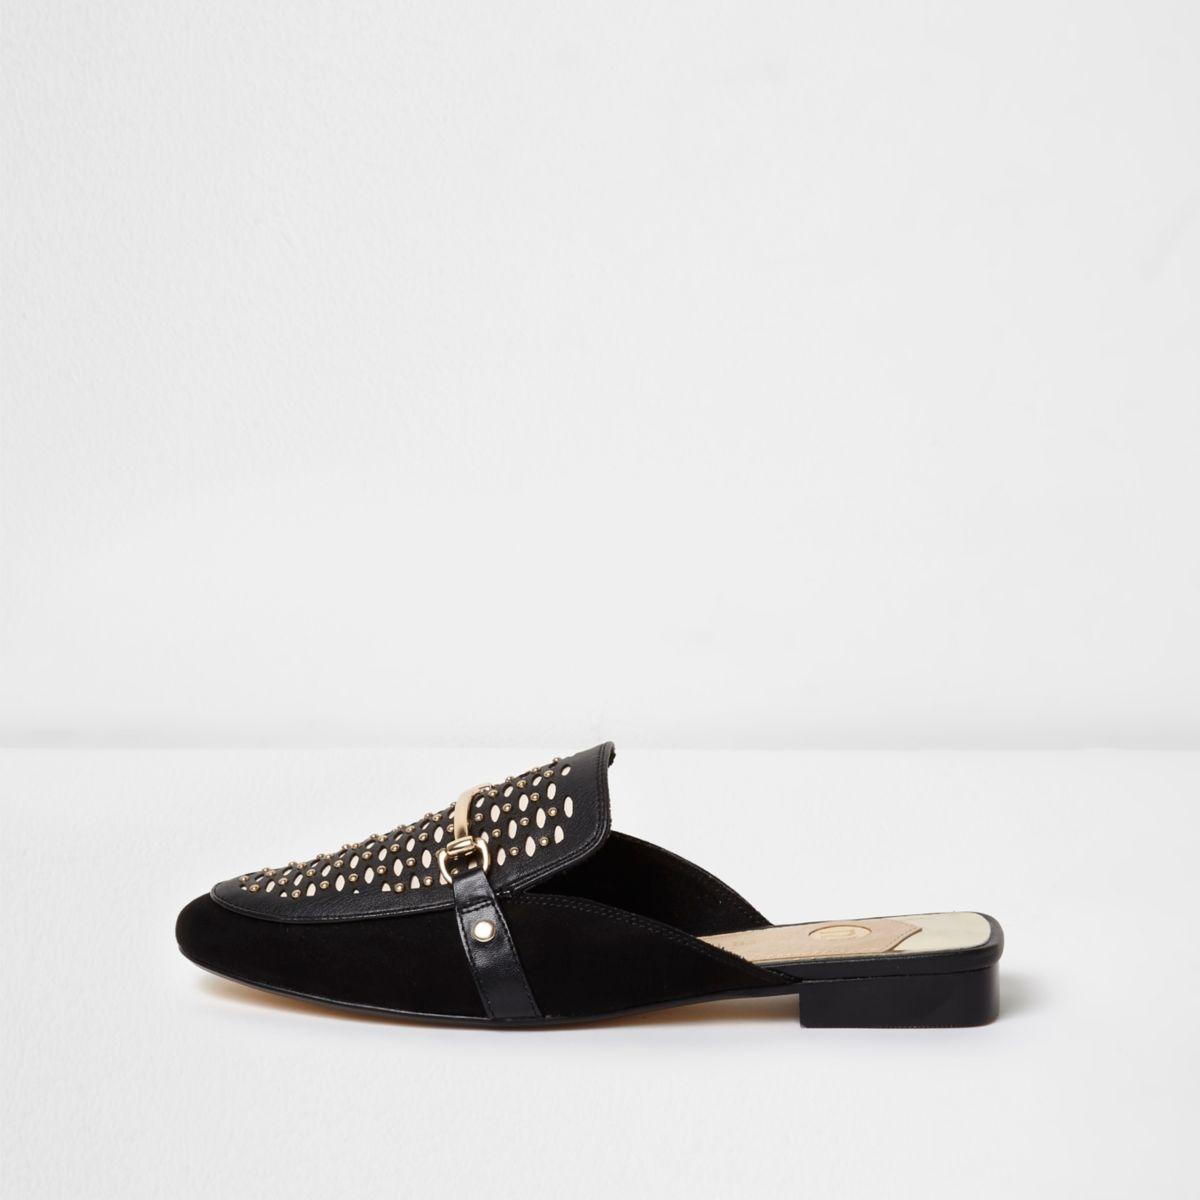 Zwarte kanten loafers met uitsneden zonder achterkant